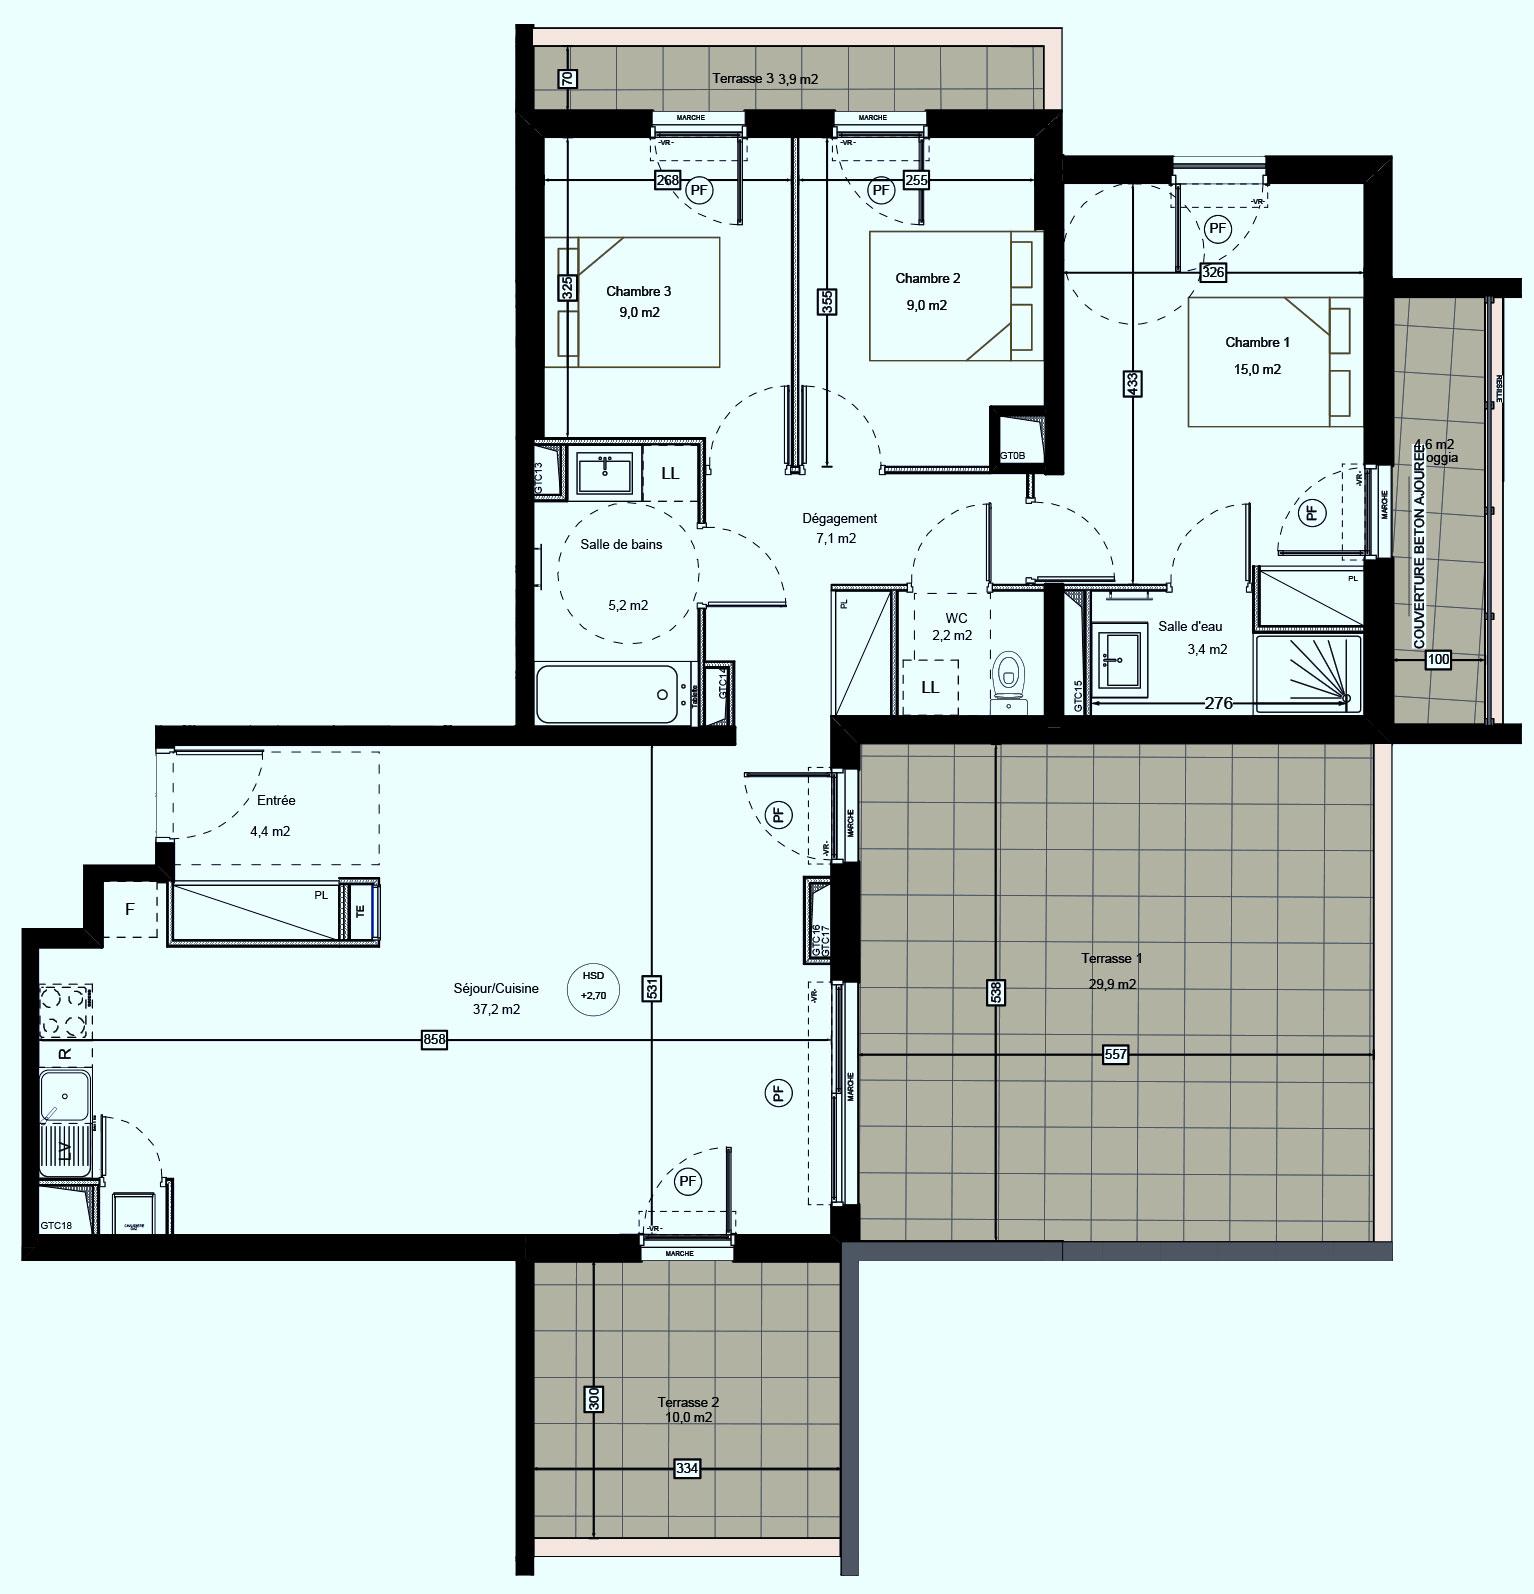 T4 neuf dernier étage Traversant sur Saint-Jean-de-Vedas  livraison 3T2021